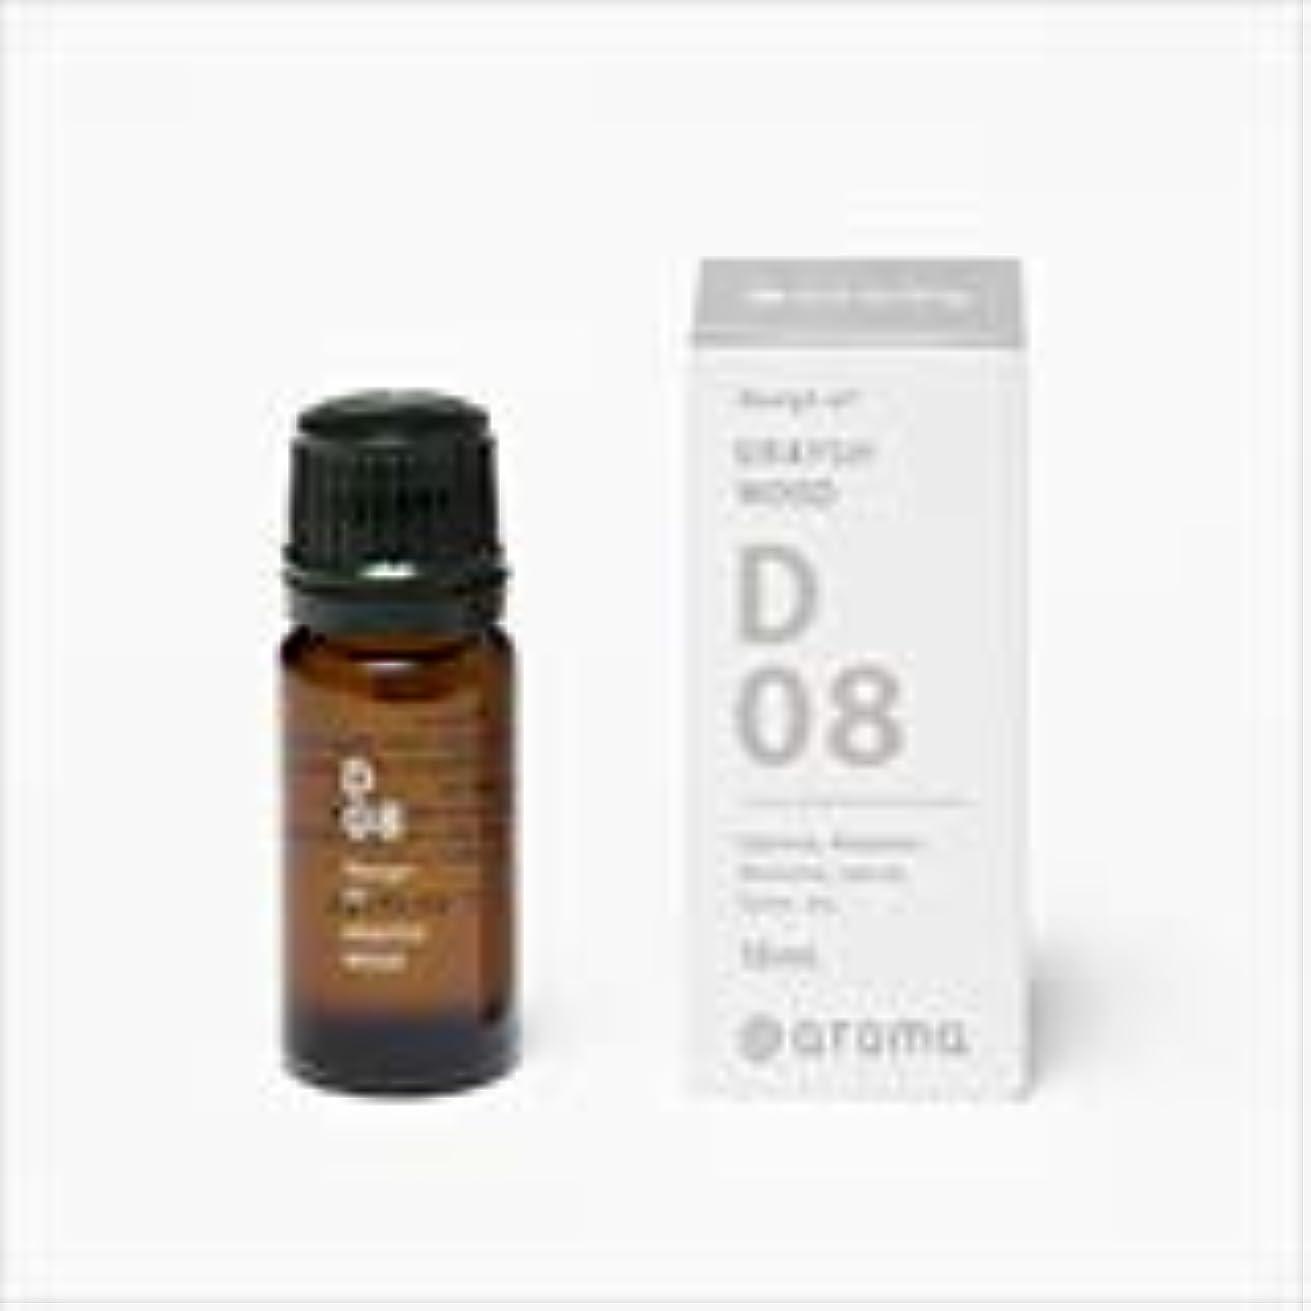 ロードハウス柔らかいテメリティアットアロマ 100%pure essential oil <Design air コンフォートリラックス>